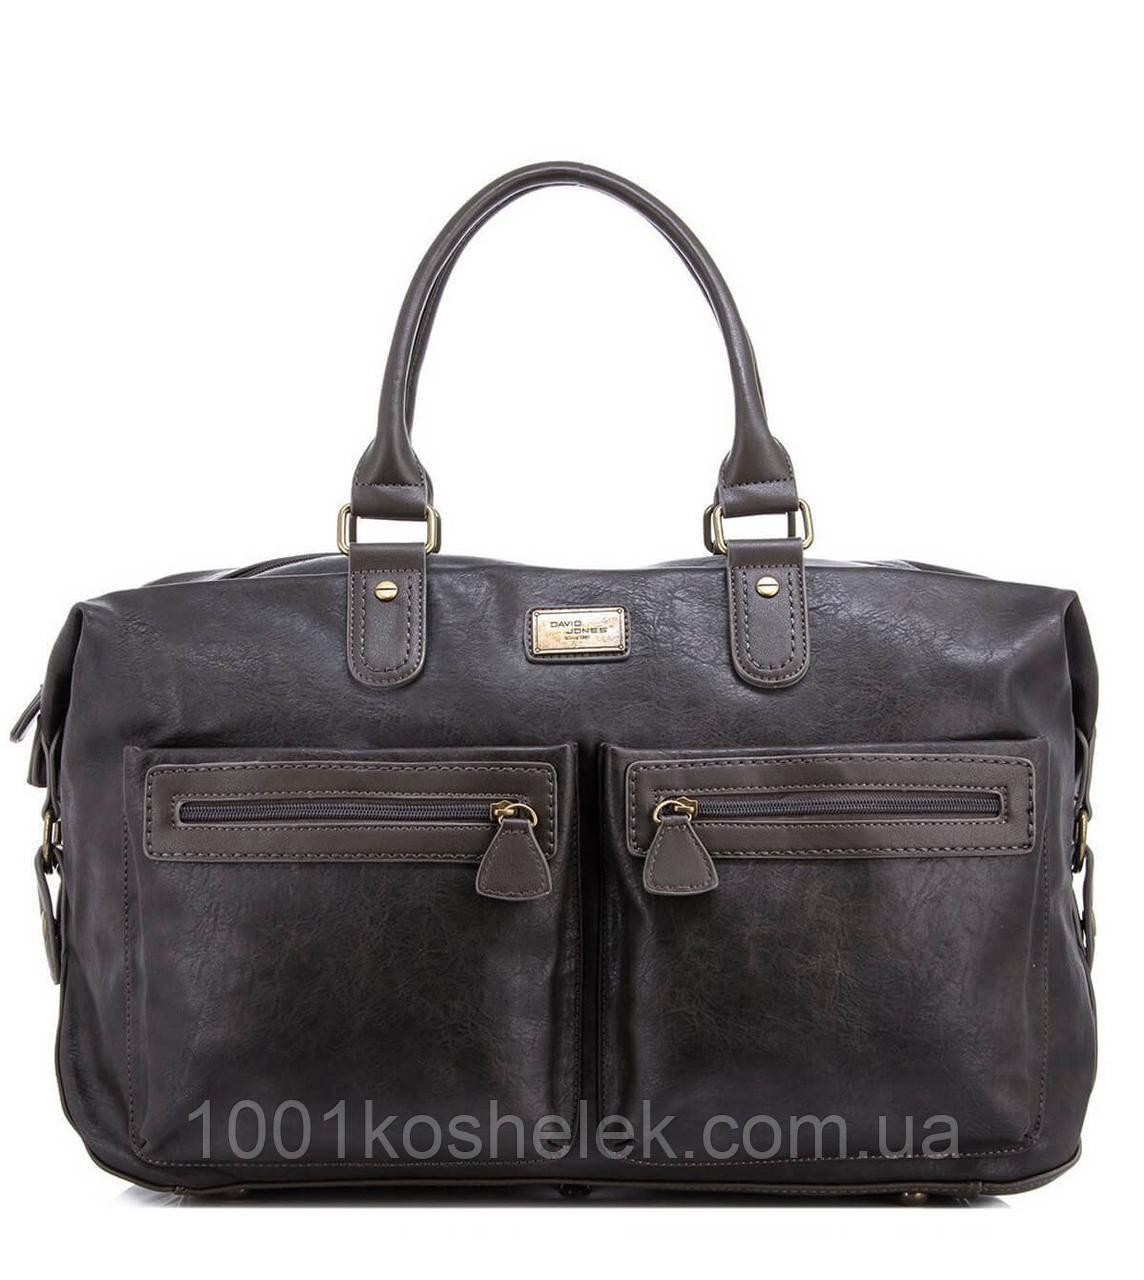 Дорожная сумка David Jones CM3553 (Серый)